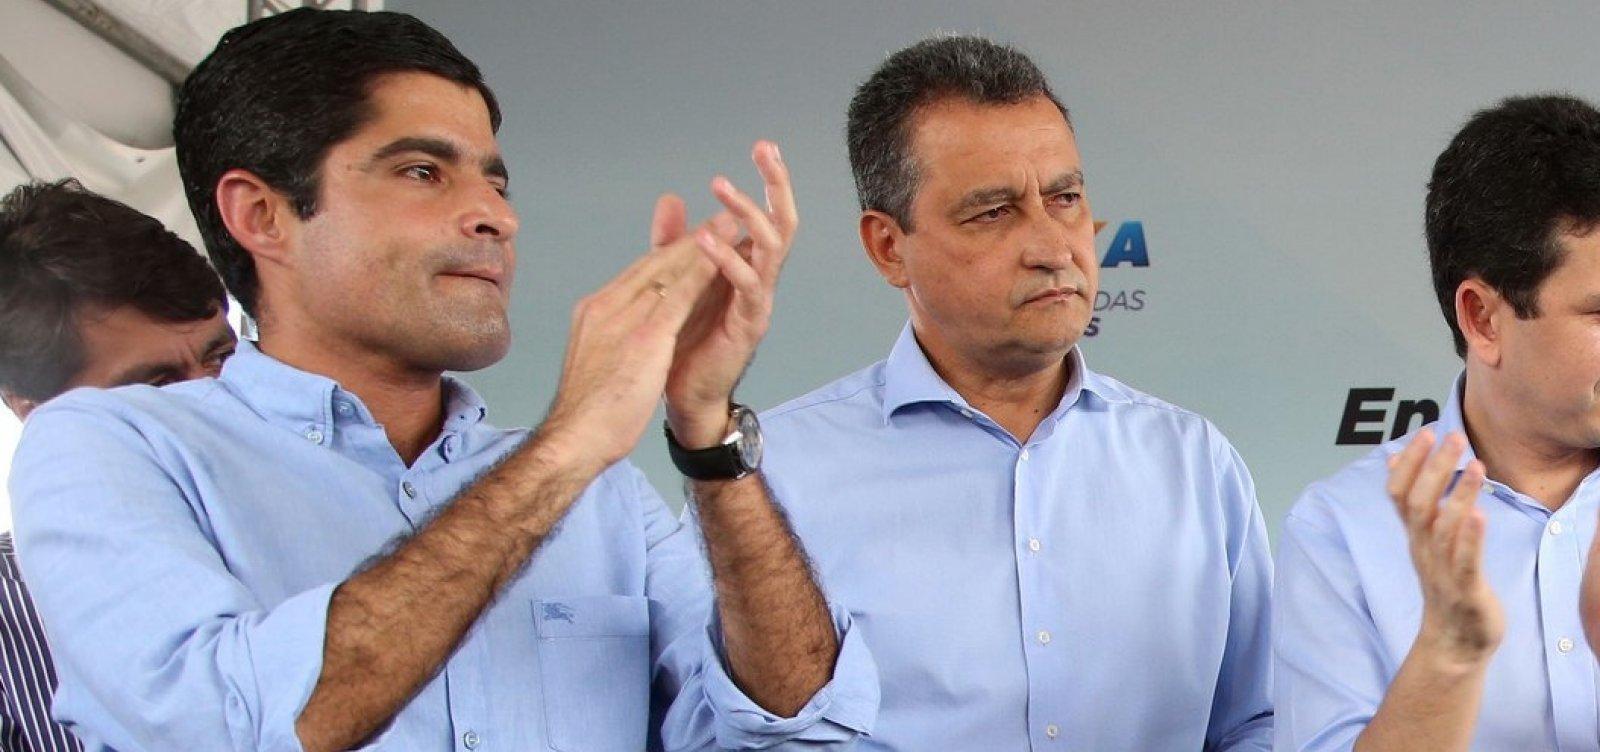 Base pode receber 'dois ou três' deputados ligados a Neto, afirma governador